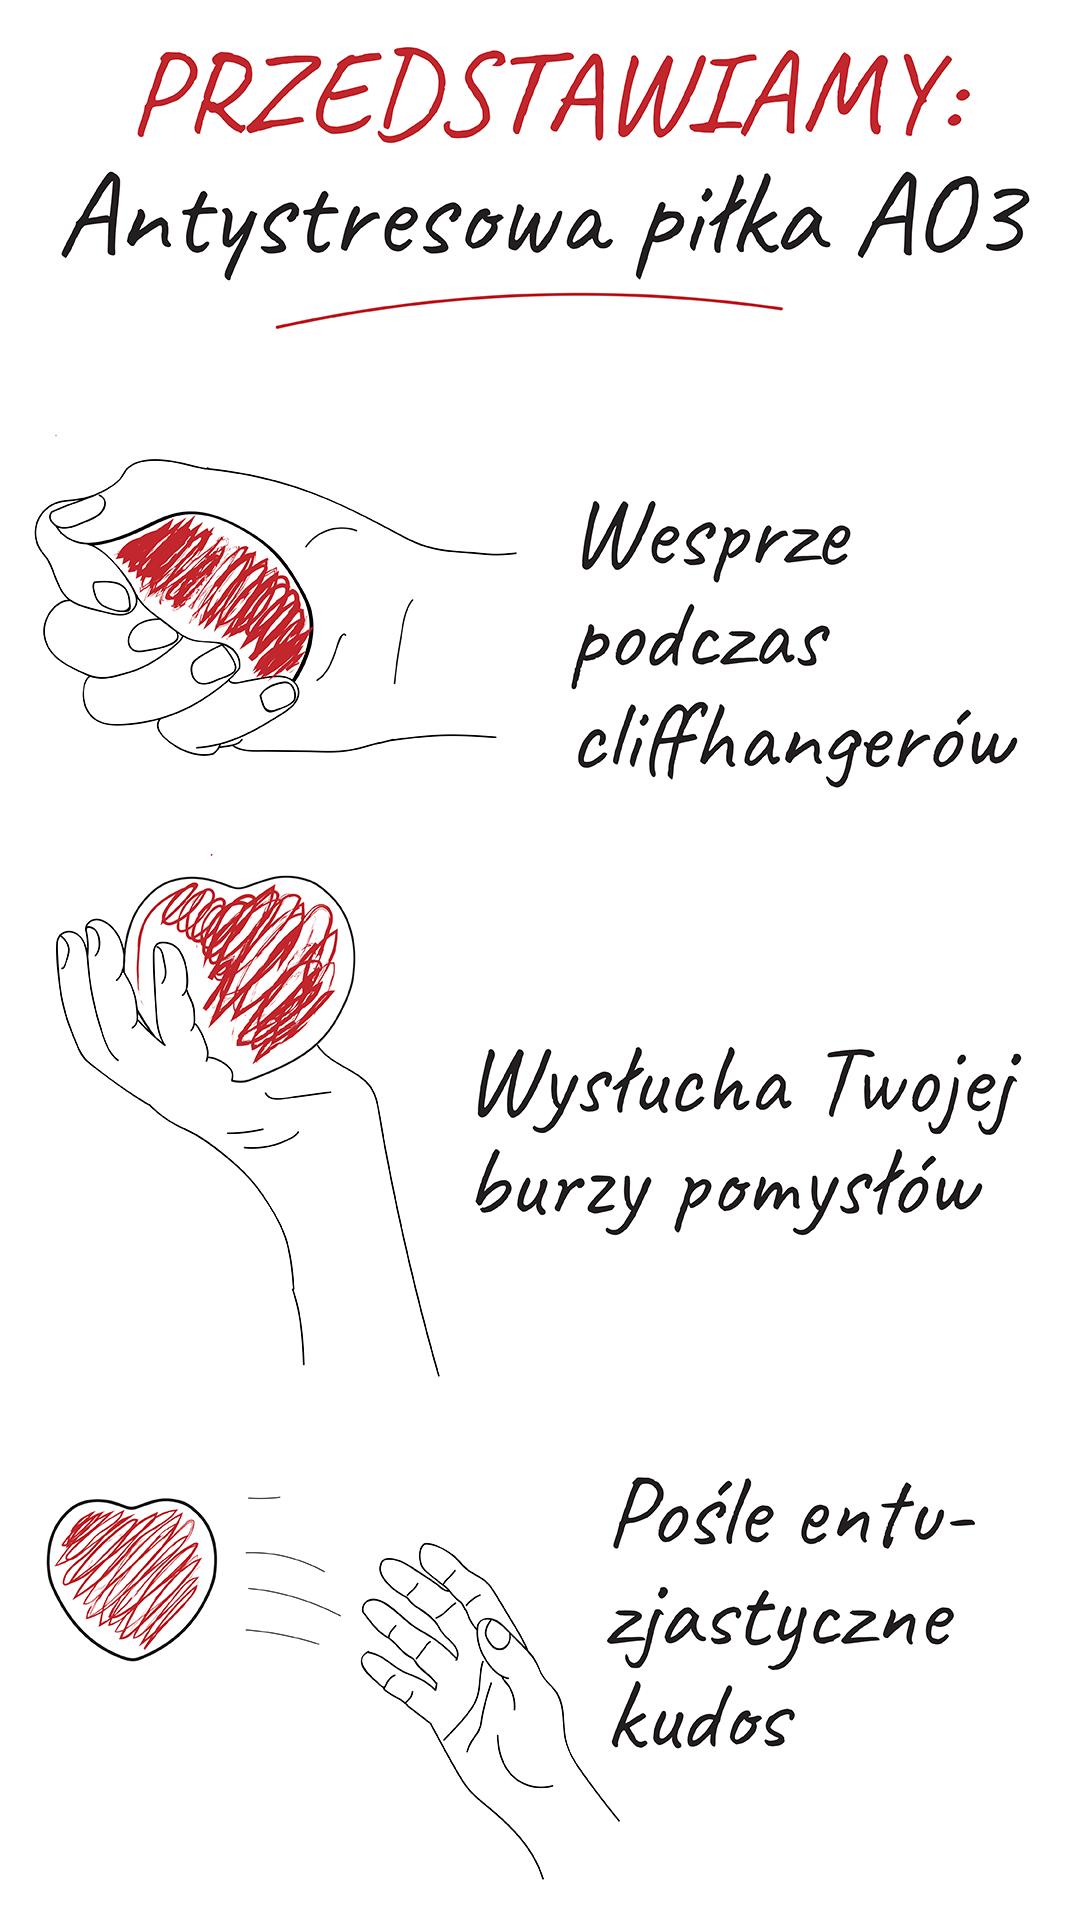 Grafika przedstawiająca potencjalne zastosowania piłeczki antystresowej, opisana następująco: